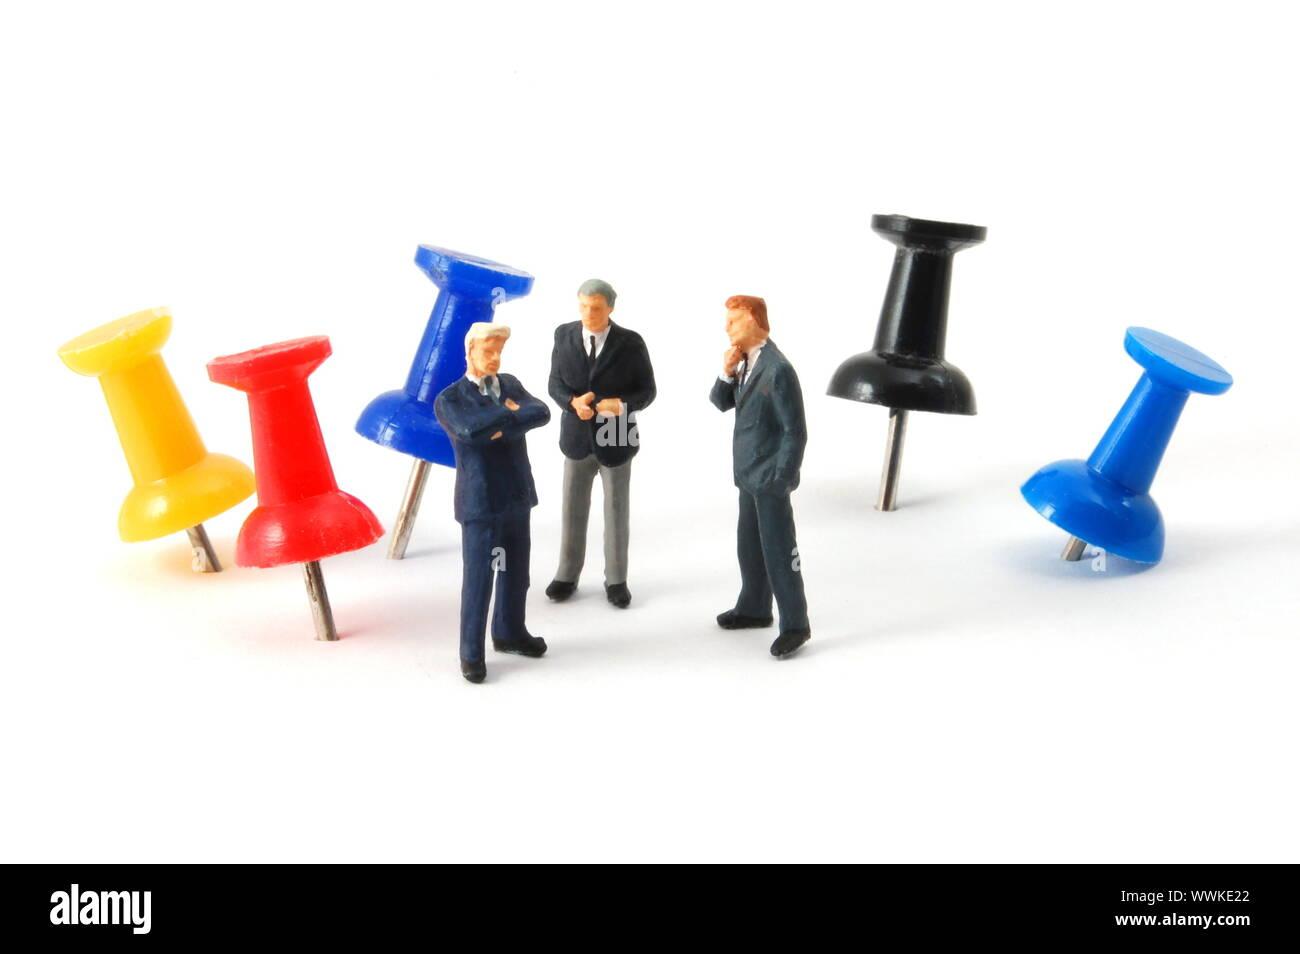 Geschäftsmann und Push pin in einem Büro auf weißem Hintergrund ...